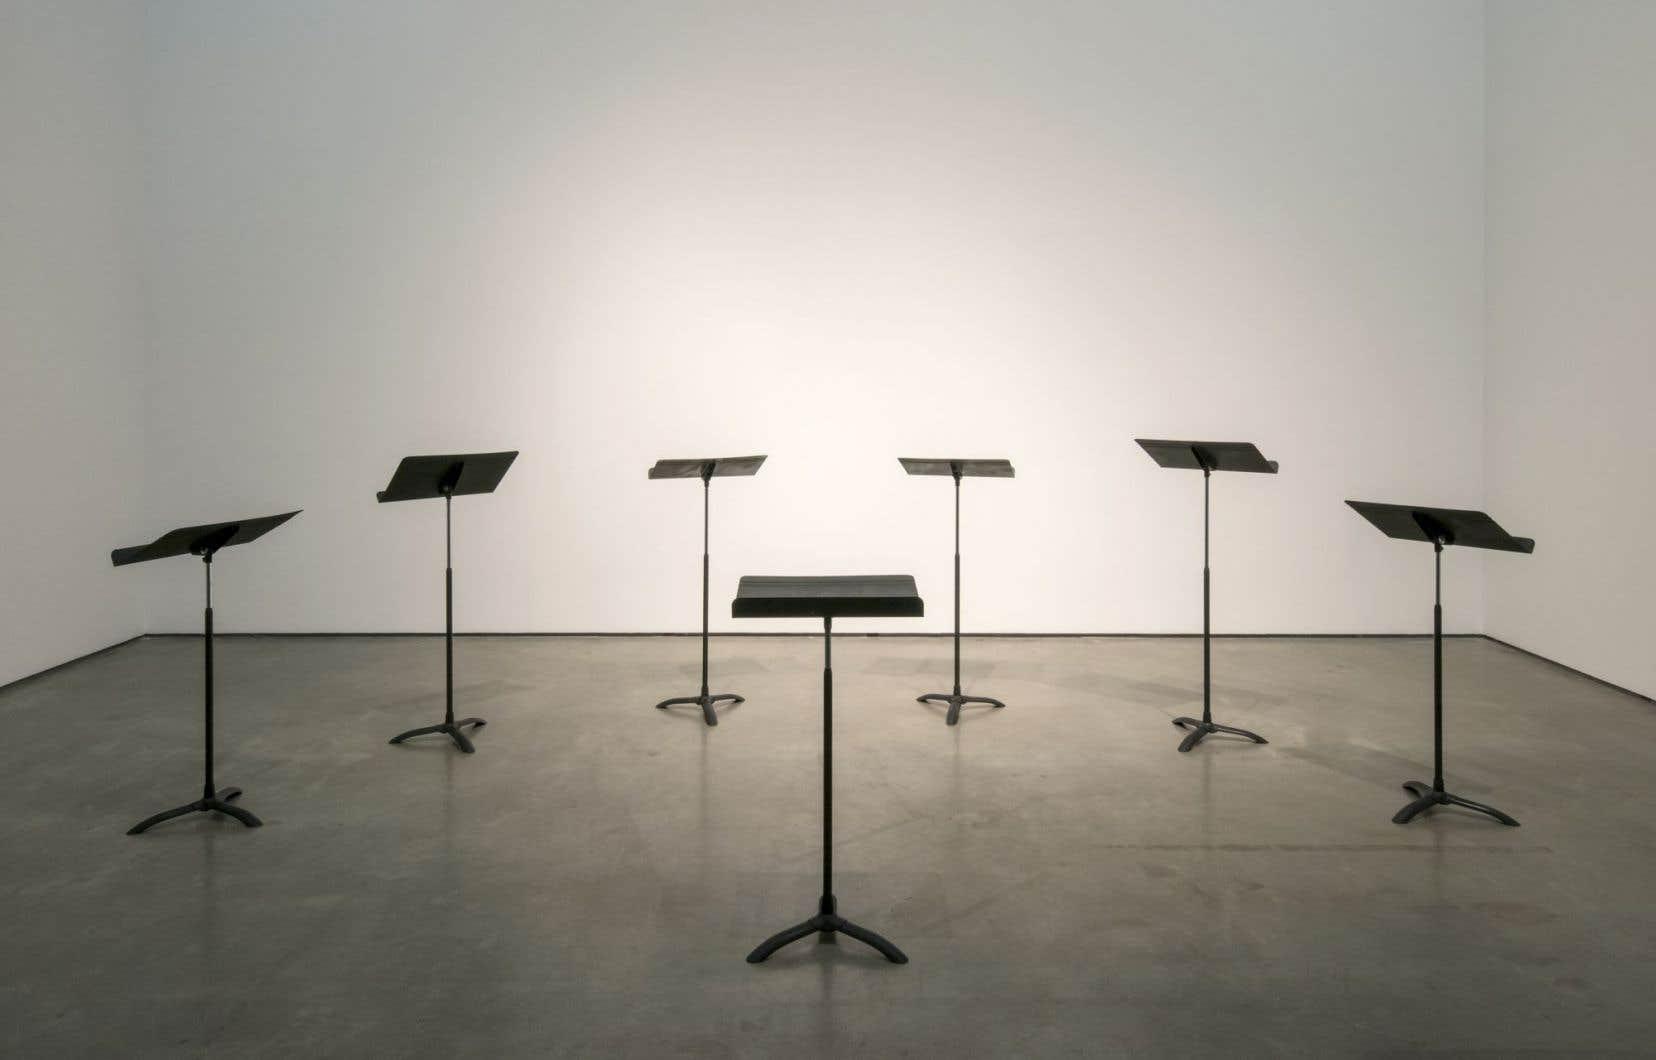 La Biennale a été mise en place en 1998 par le Centre international d'art contemporain de Montréal, qui a produit les sept premières éditions.